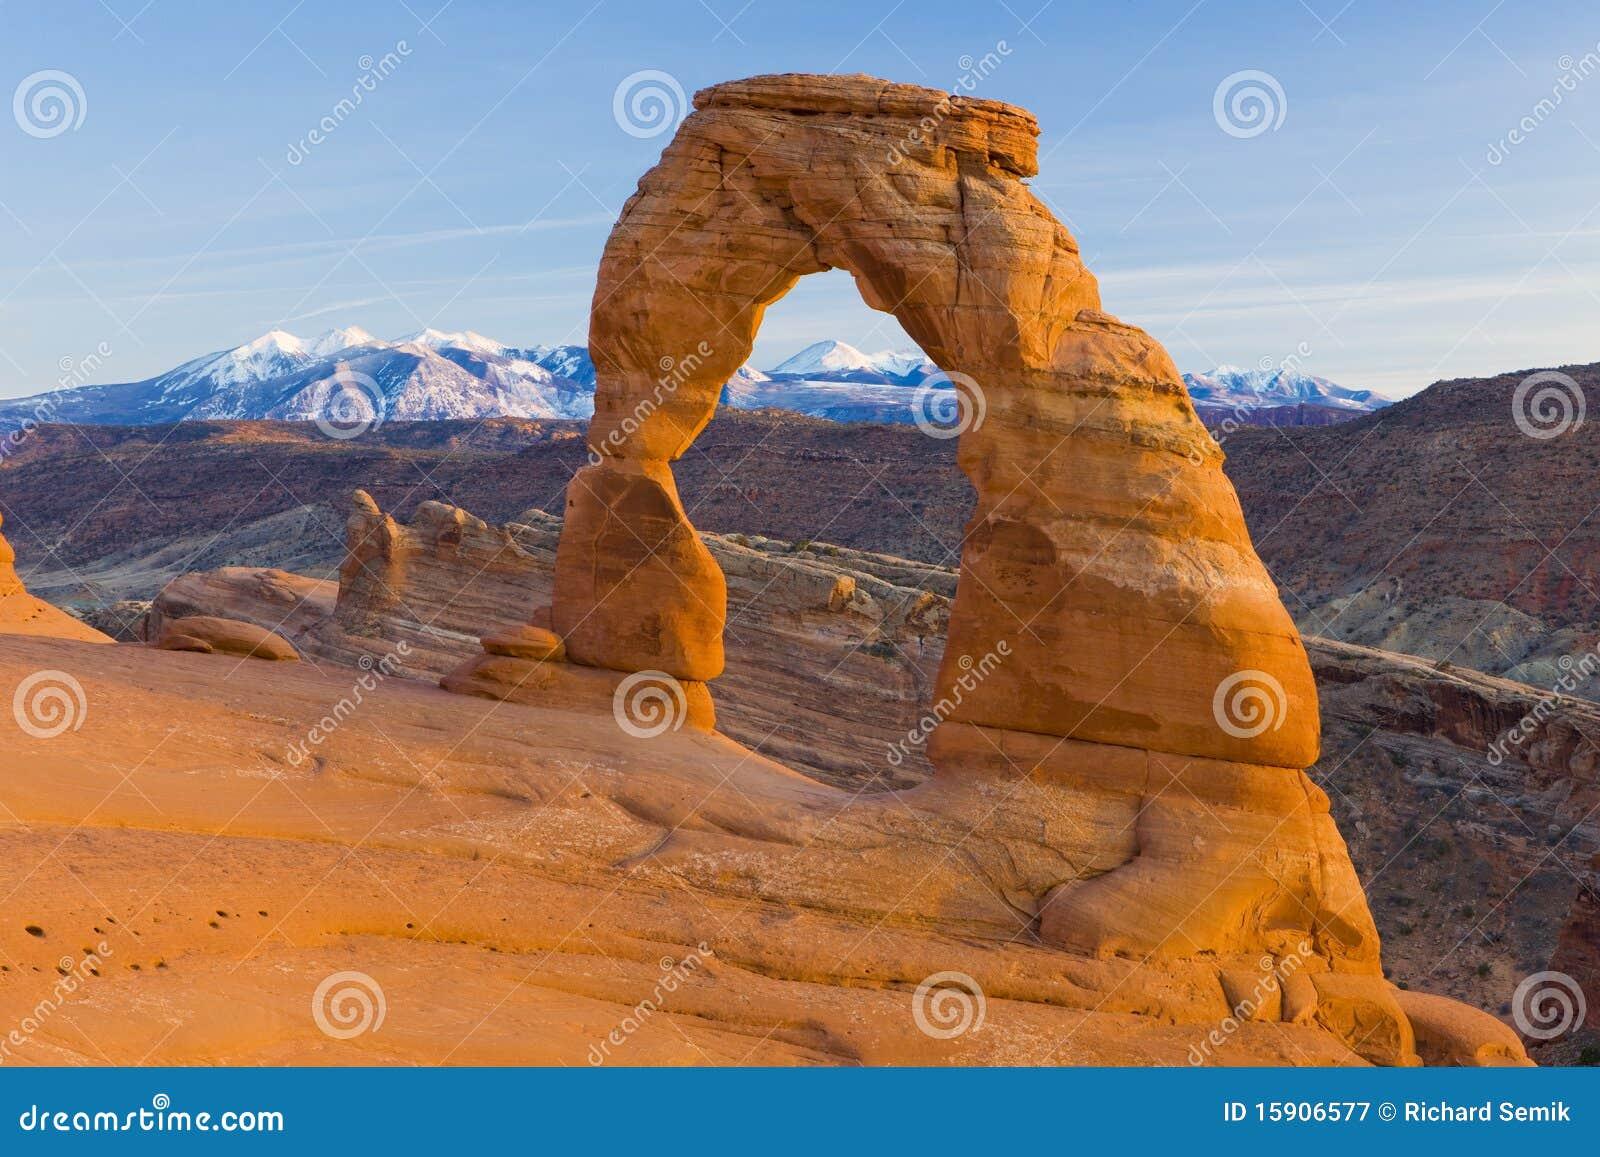 сгабривает национальный парк